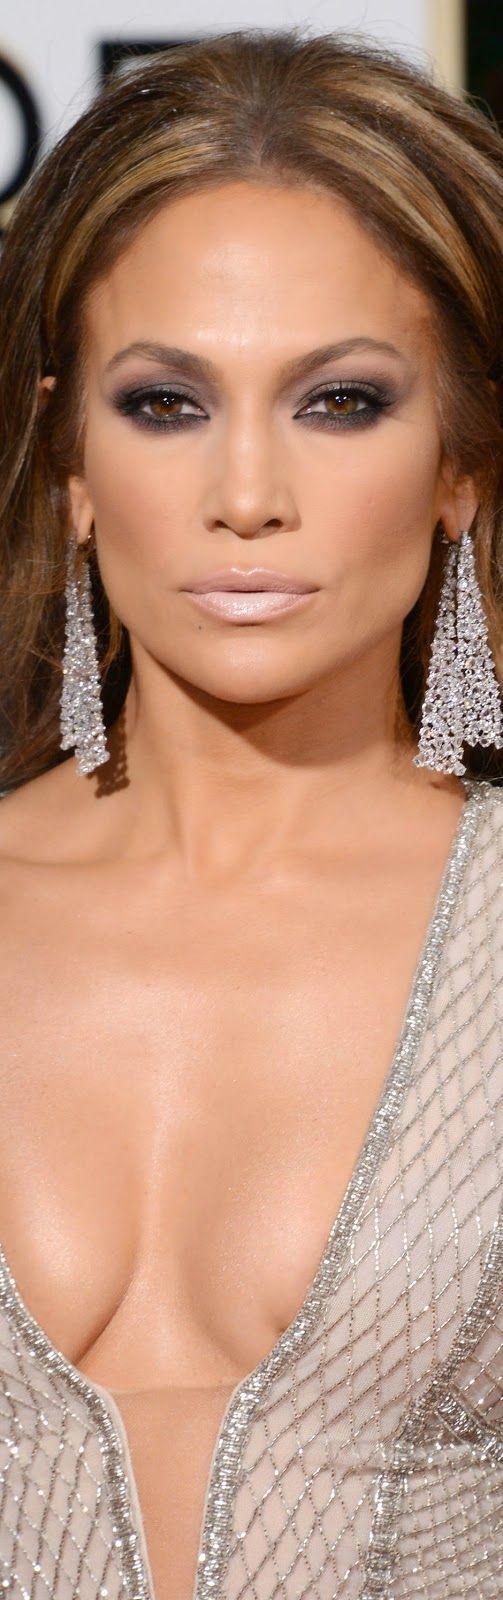 Pinterest photo - #jlo   Jennifer lopez makeup, Jennifer